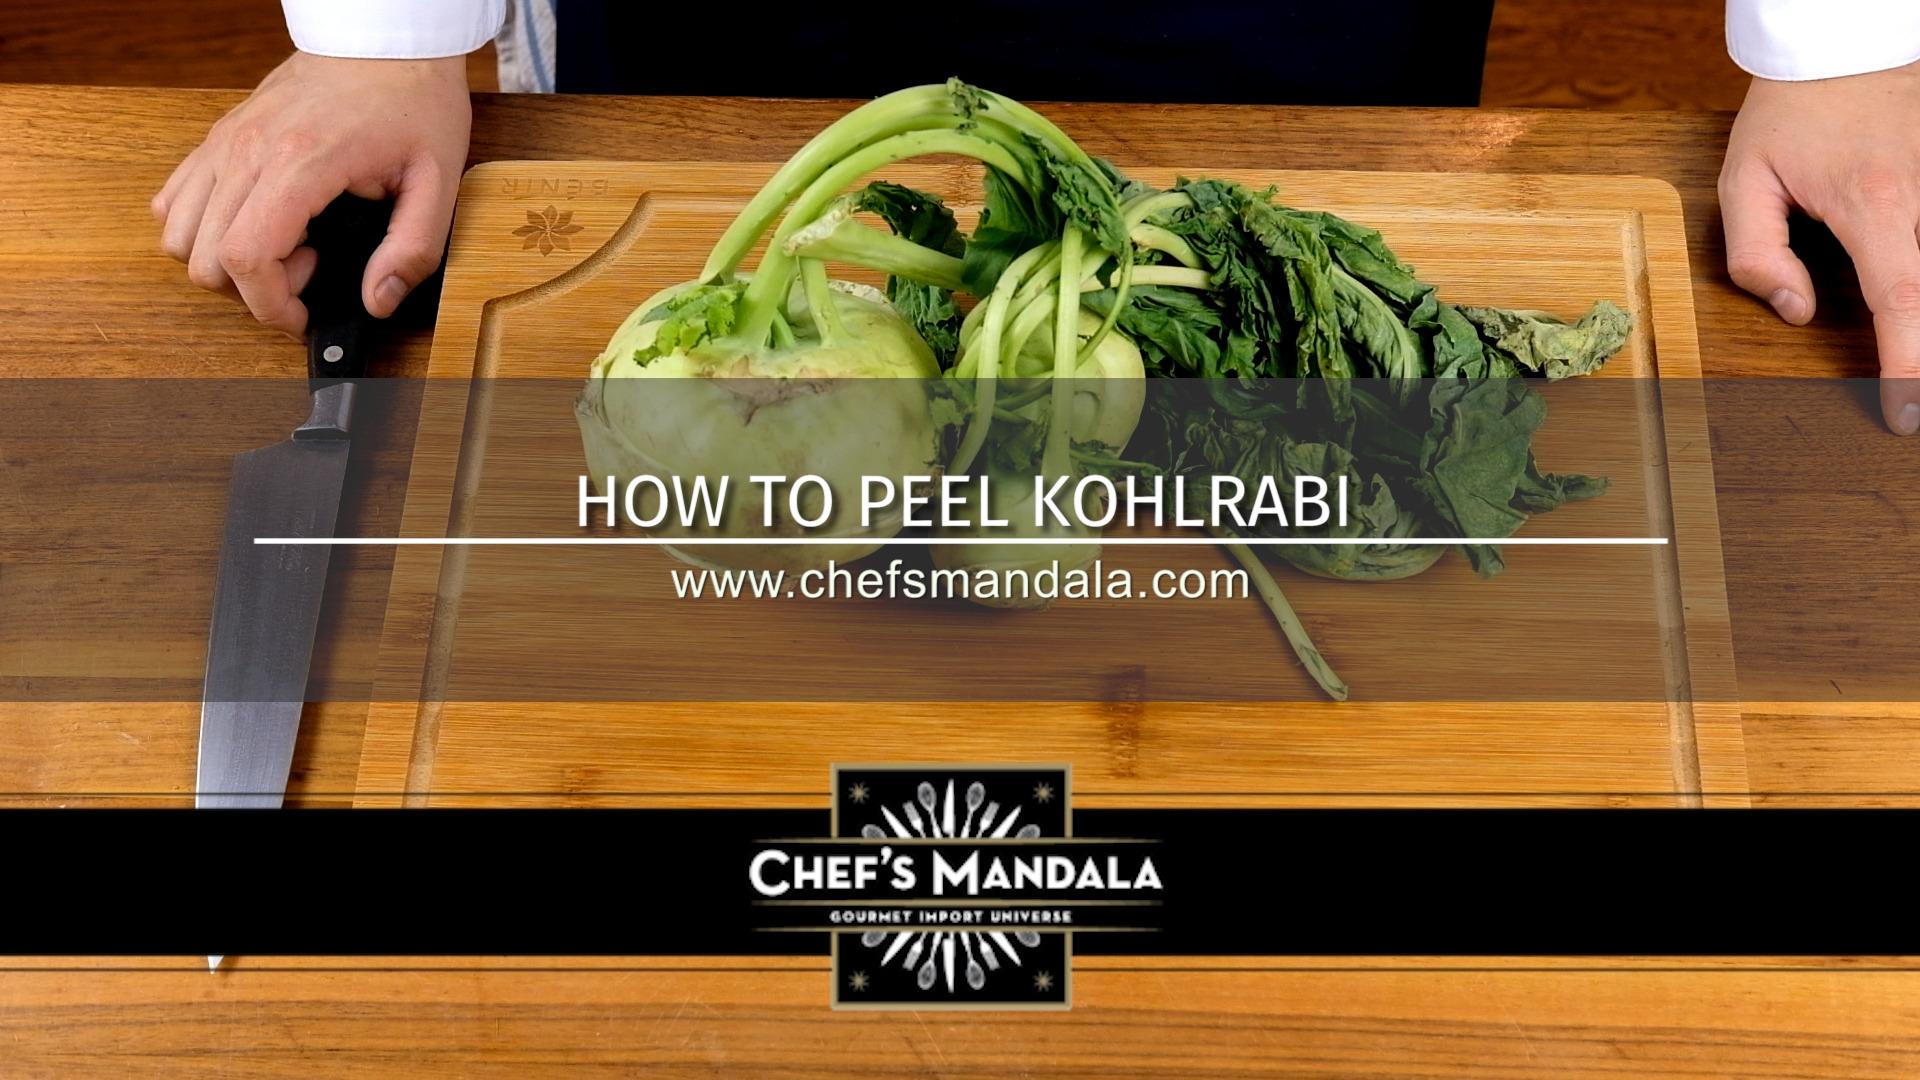 HOW TO PEEL KOHLRABI